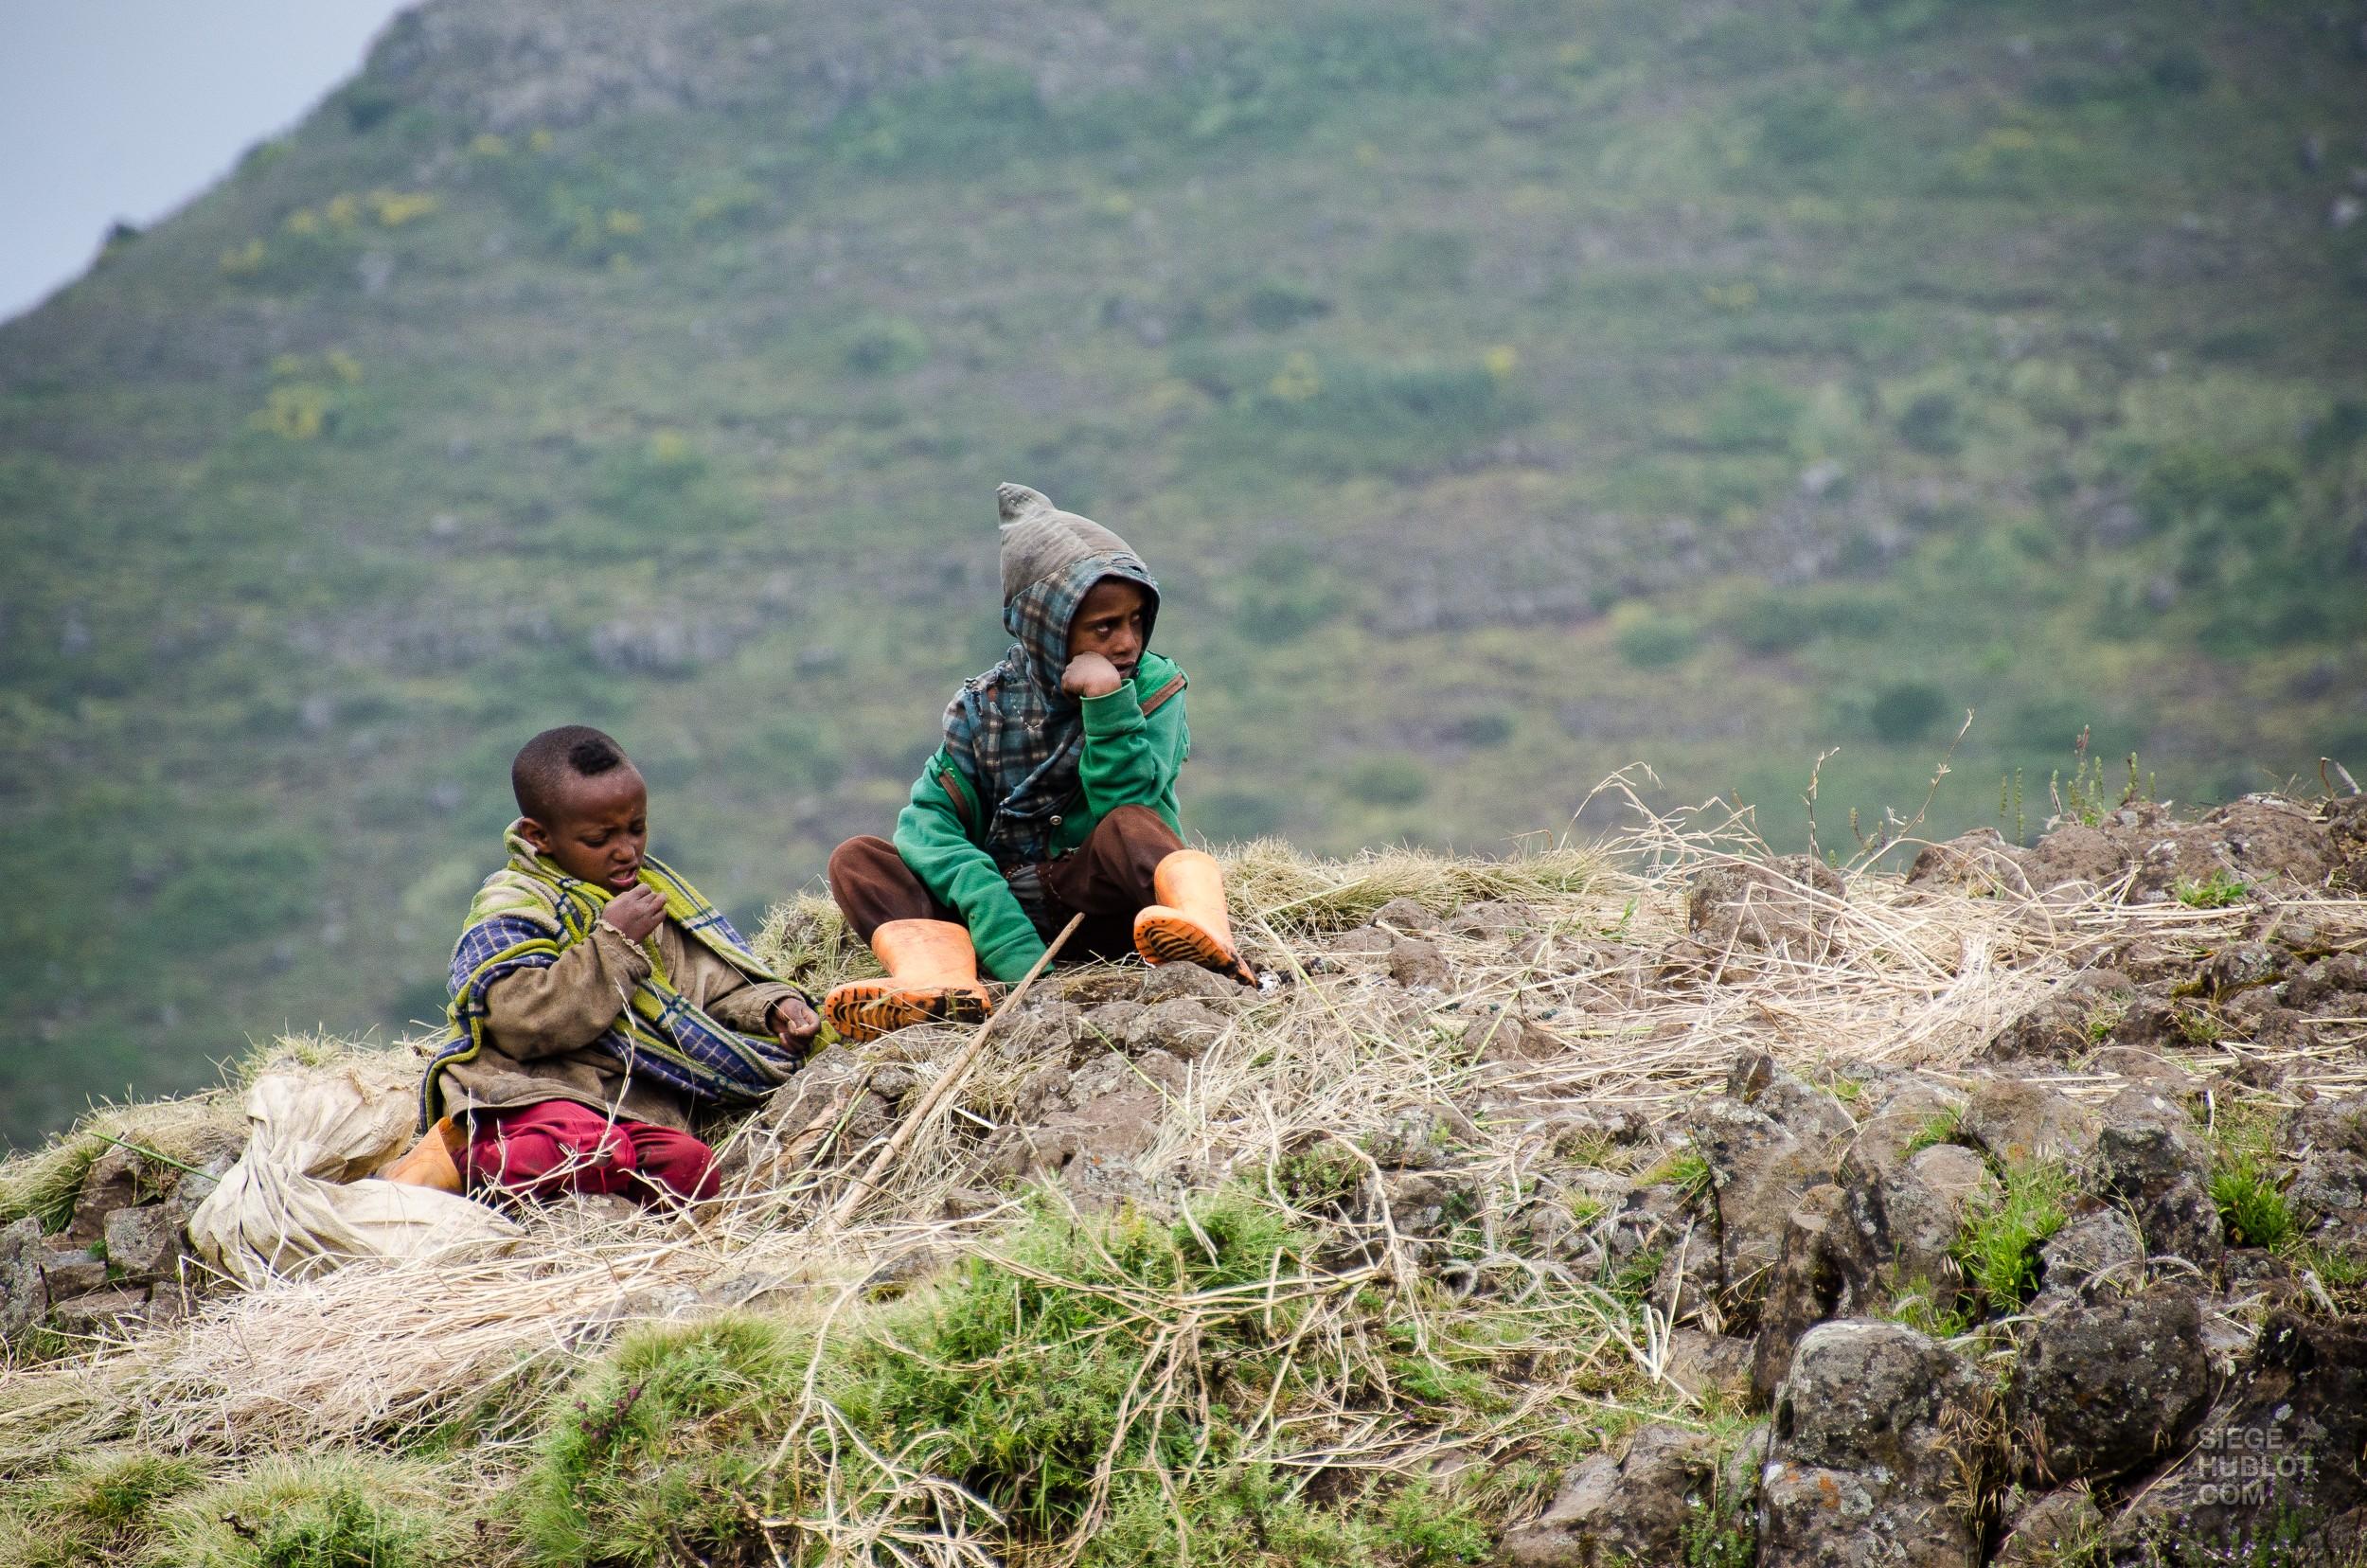 enfants bergers - des babouins dans les nuages monts simien ethiopie - Des babouins dans les nuages Monts Simien Ethiopie - afrique, ethiopie